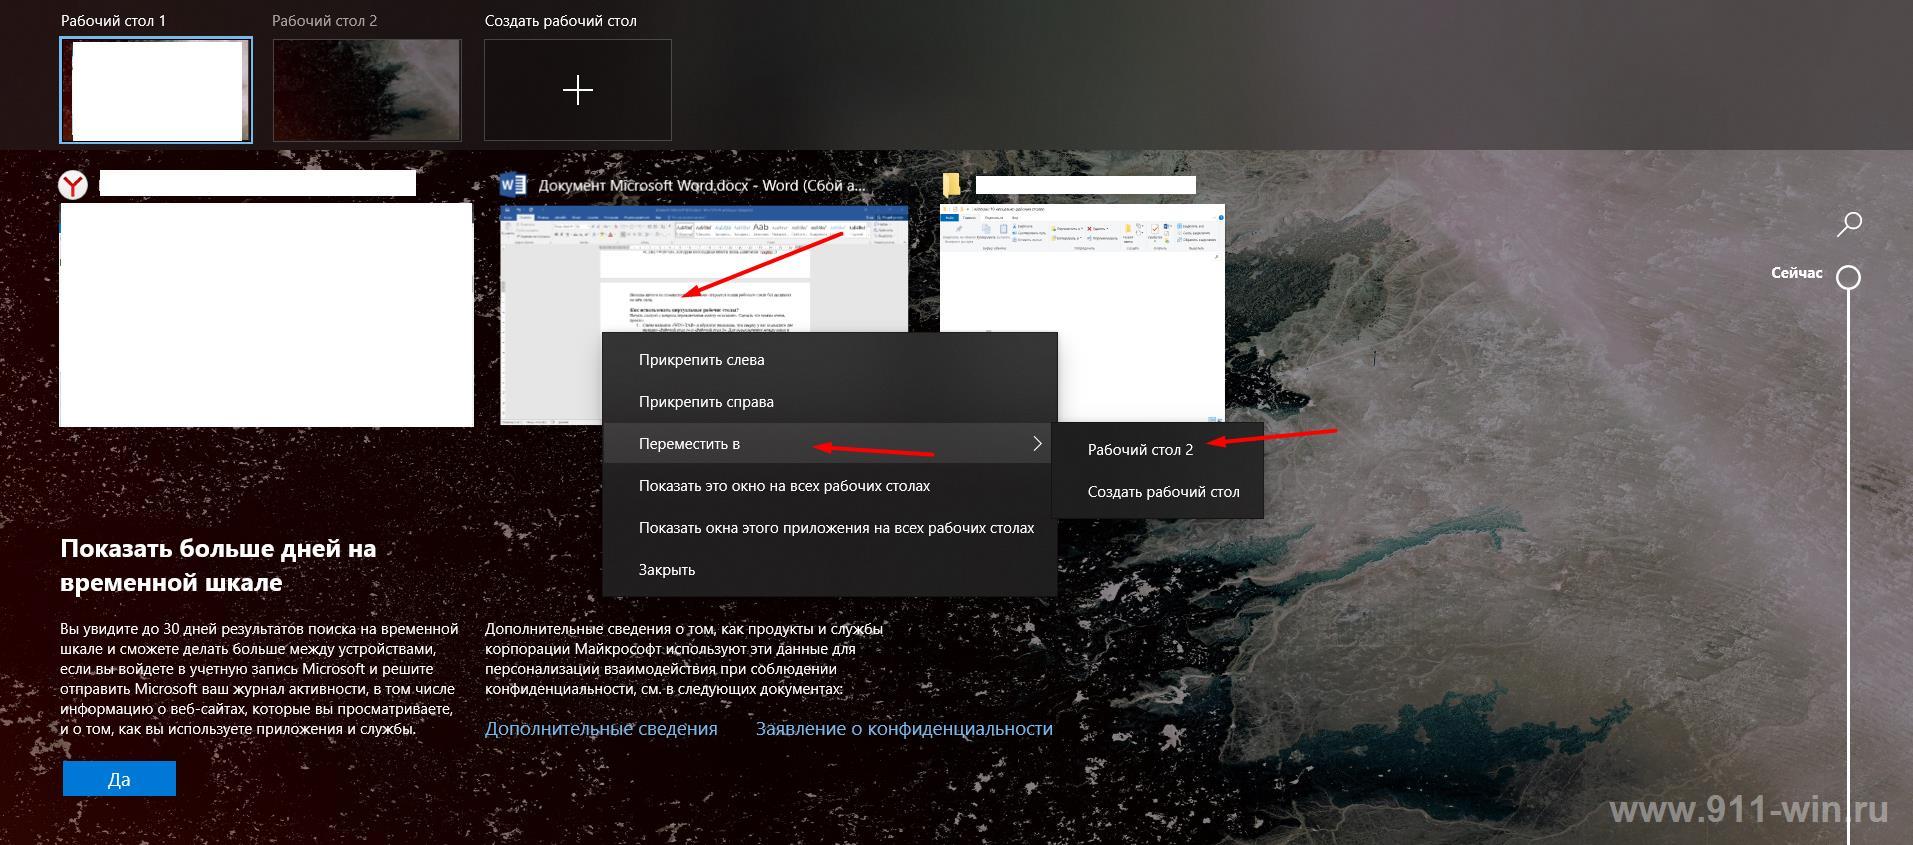 Виртуальные рабочие столы windows 10: что это и как использовать?